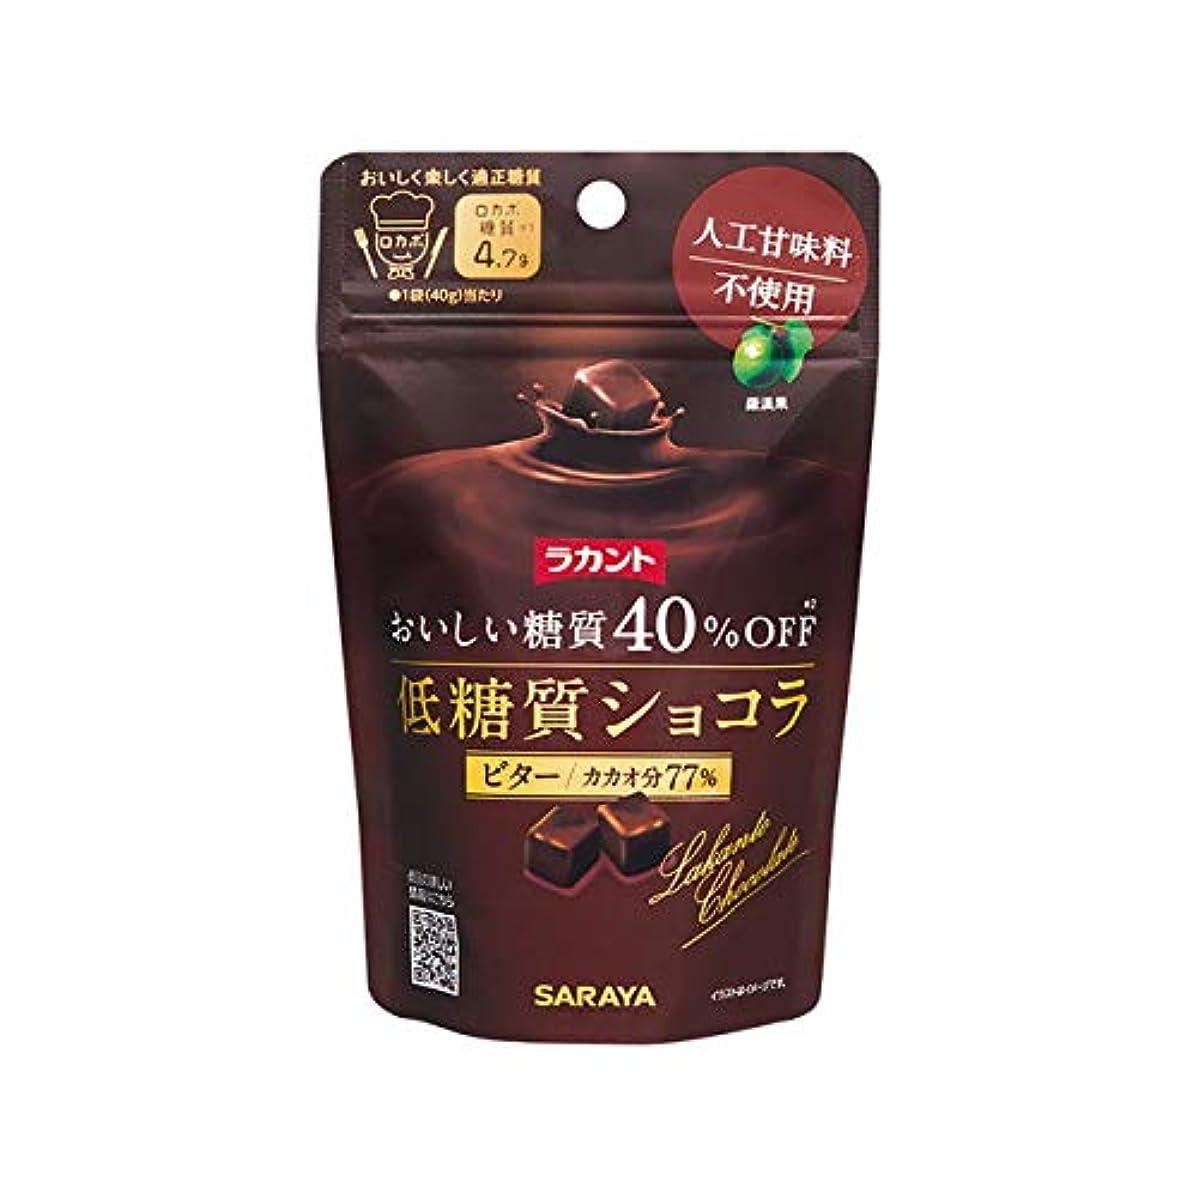 前売ディレクトリ円形サラヤ ラカント ショコラビター 40g【3個セット】